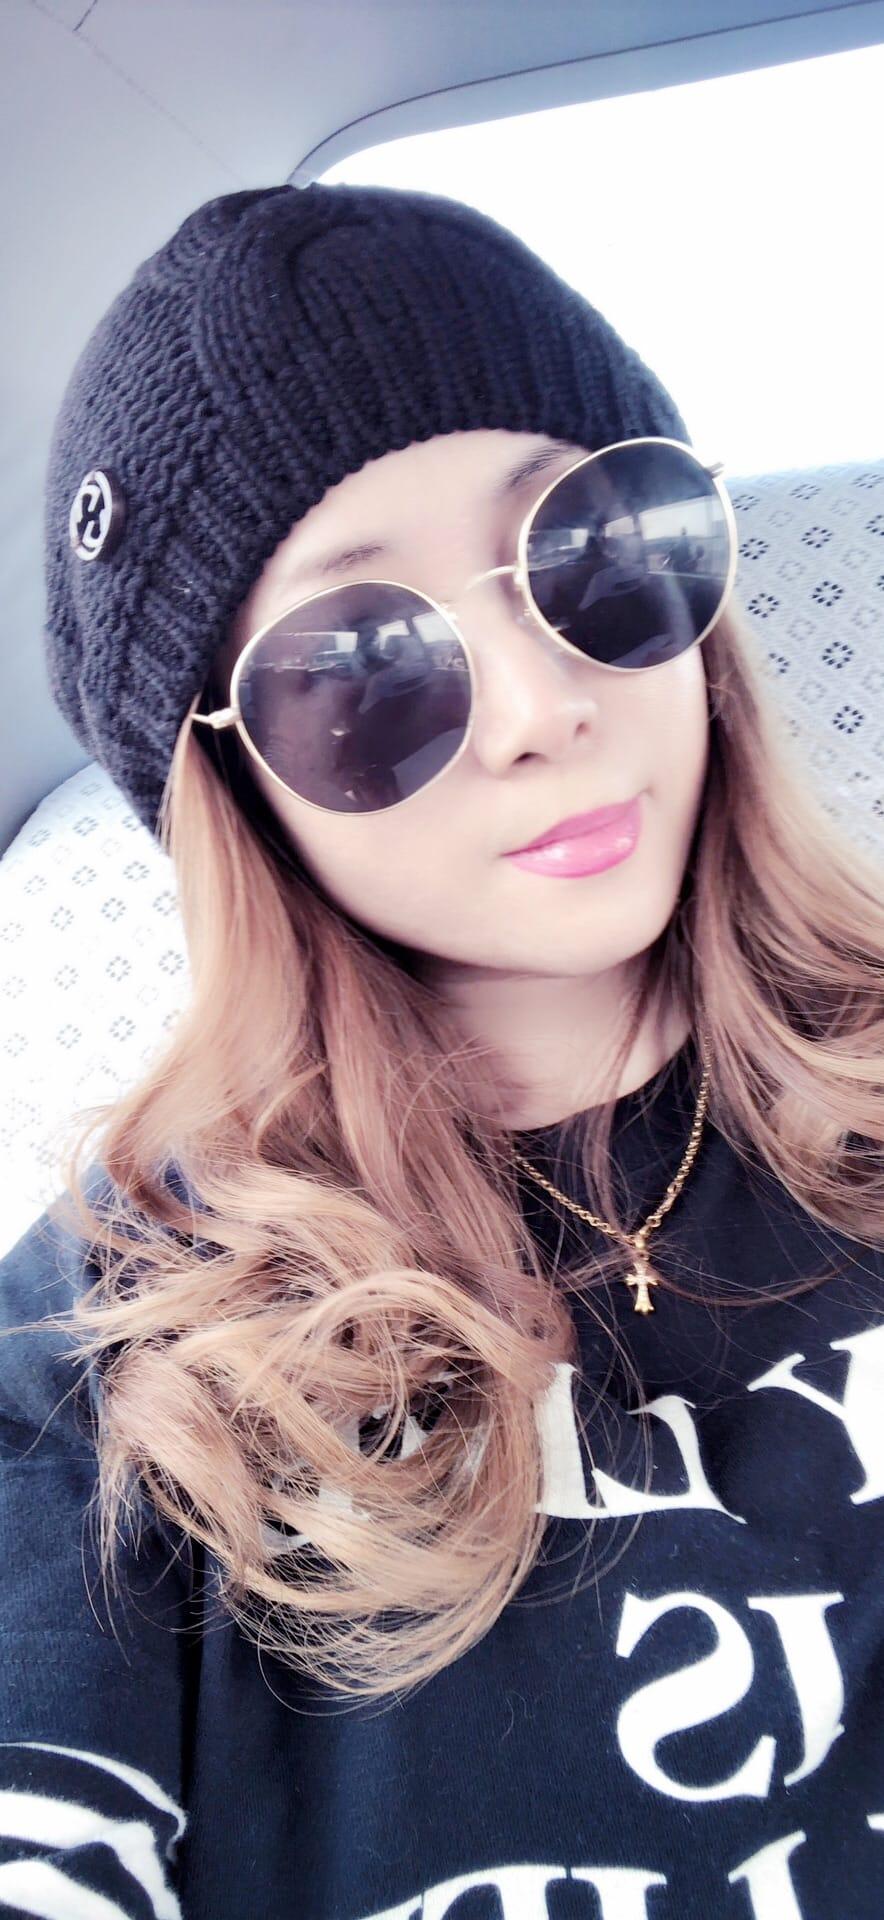 あびる☆人妻KISS☆「明日ゎ出勤♪」01/20(土) 01:15 | あびる☆人妻KISS☆の写メ・風俗動画